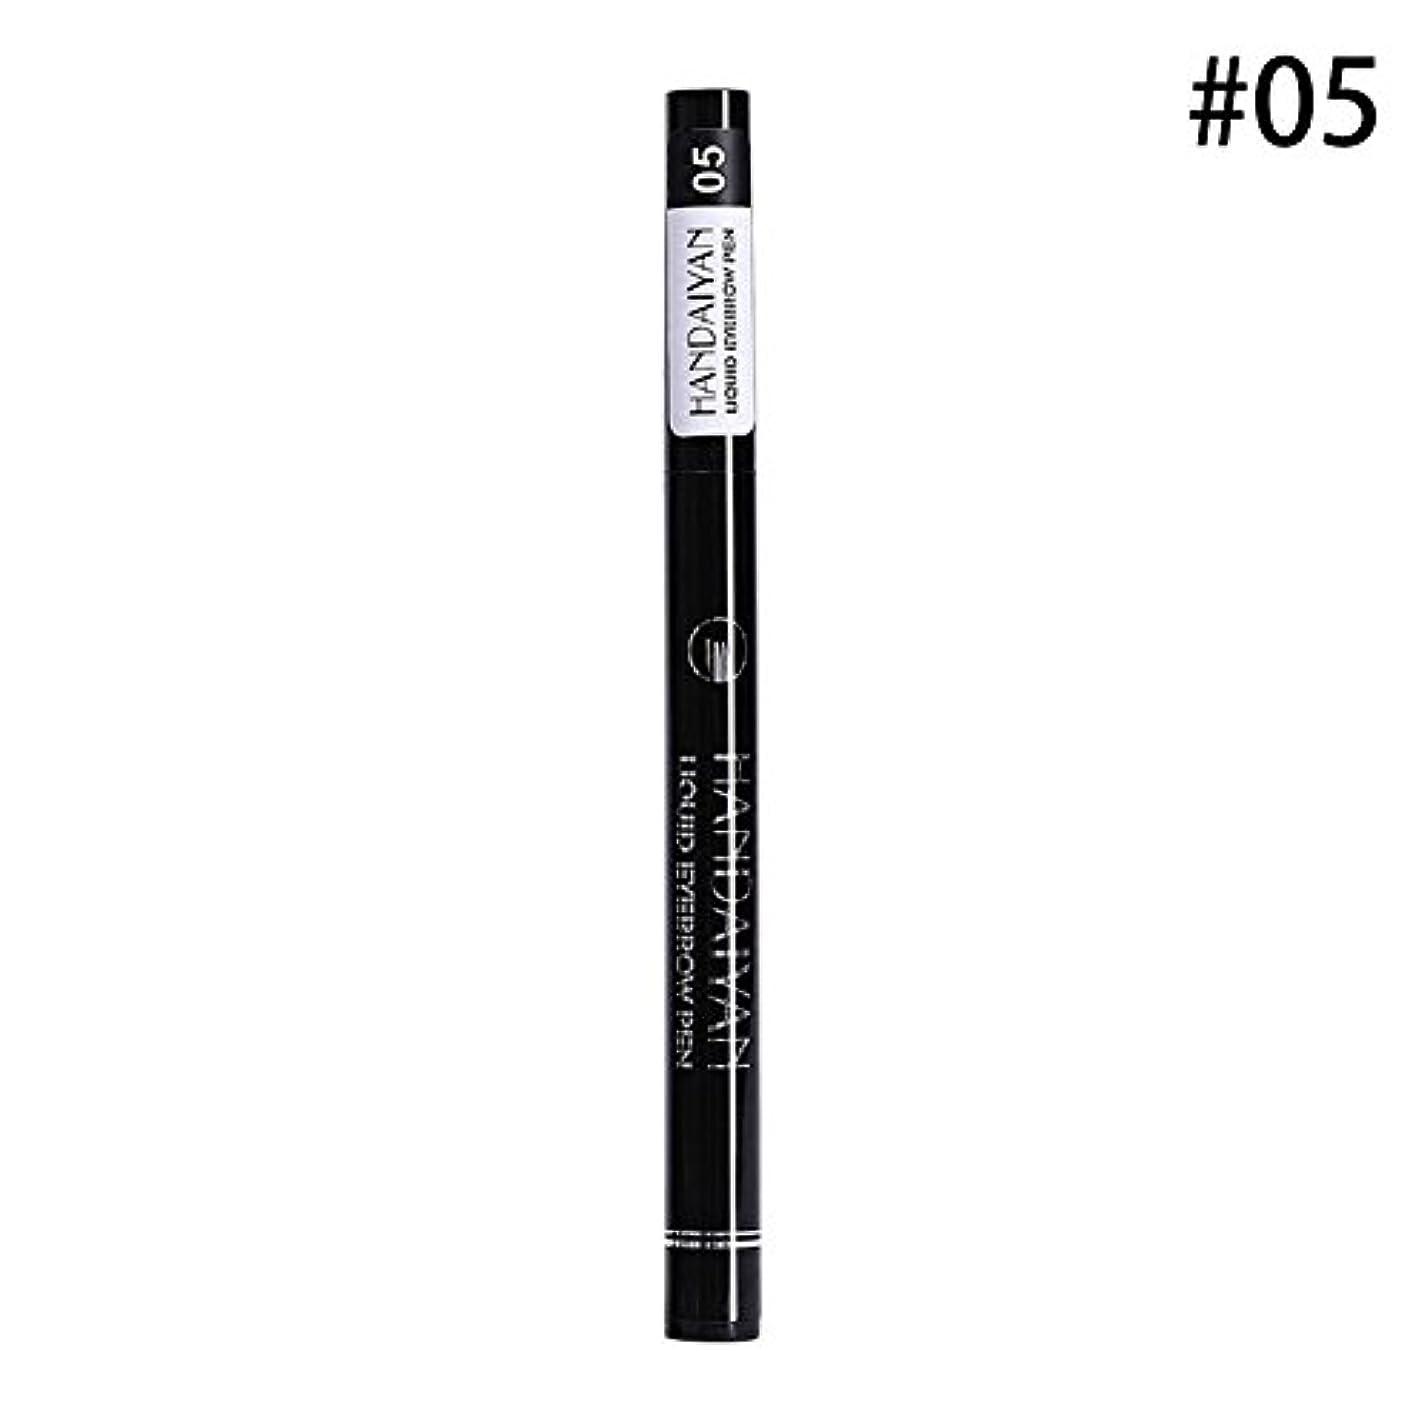 恐ろしいです抑止する性能アイブロウ鉛筆 眉ペンシル 四フォーク 眉ペンシルリキッド とても良い マイクロカービング 眉ペンシル   4頭 防水